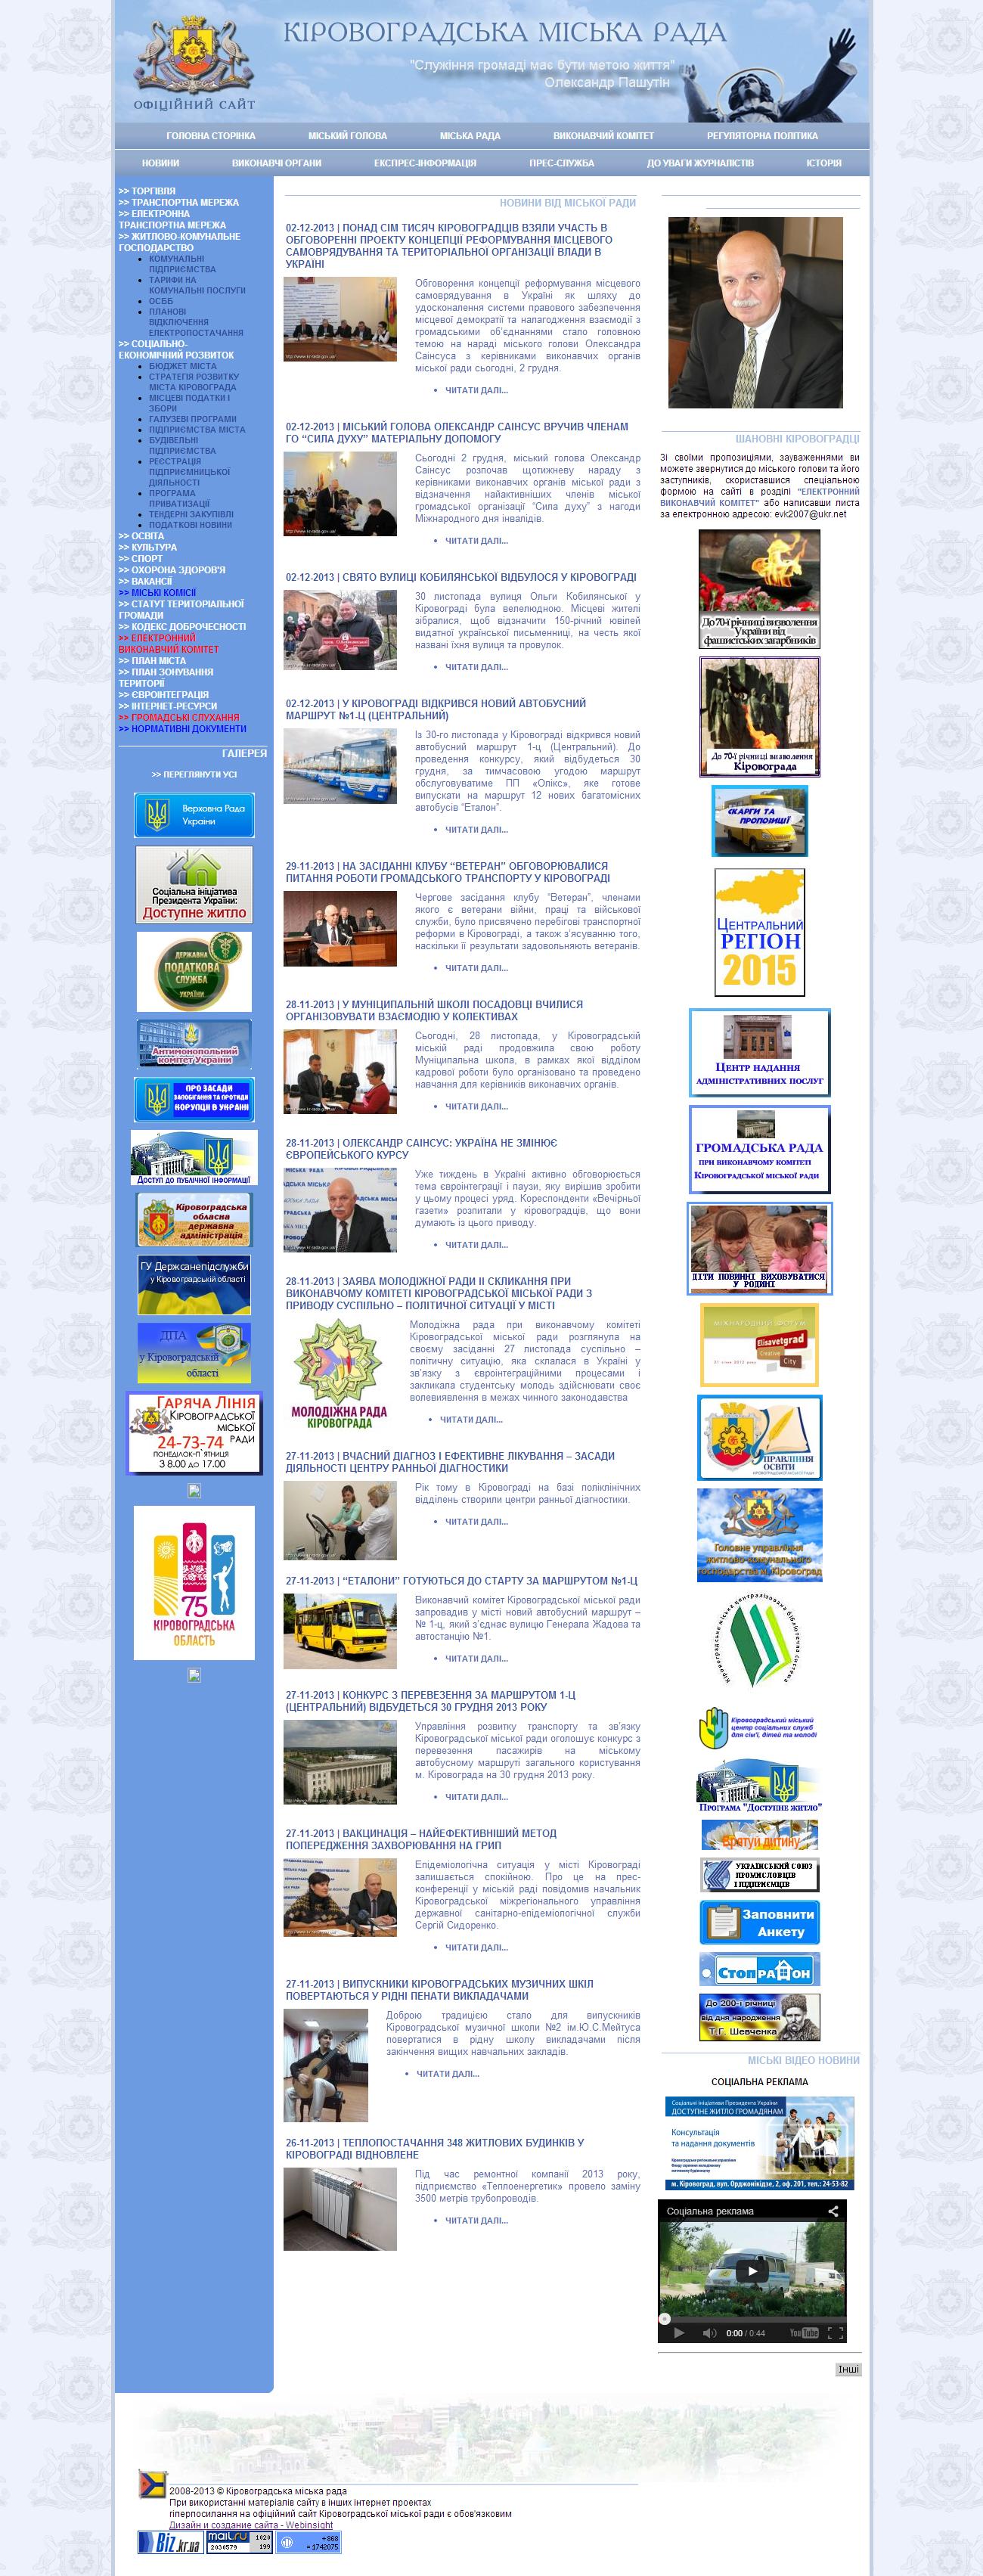 Кіровоградська міська рада - Офіційний сайт Кіровоградської міської ради